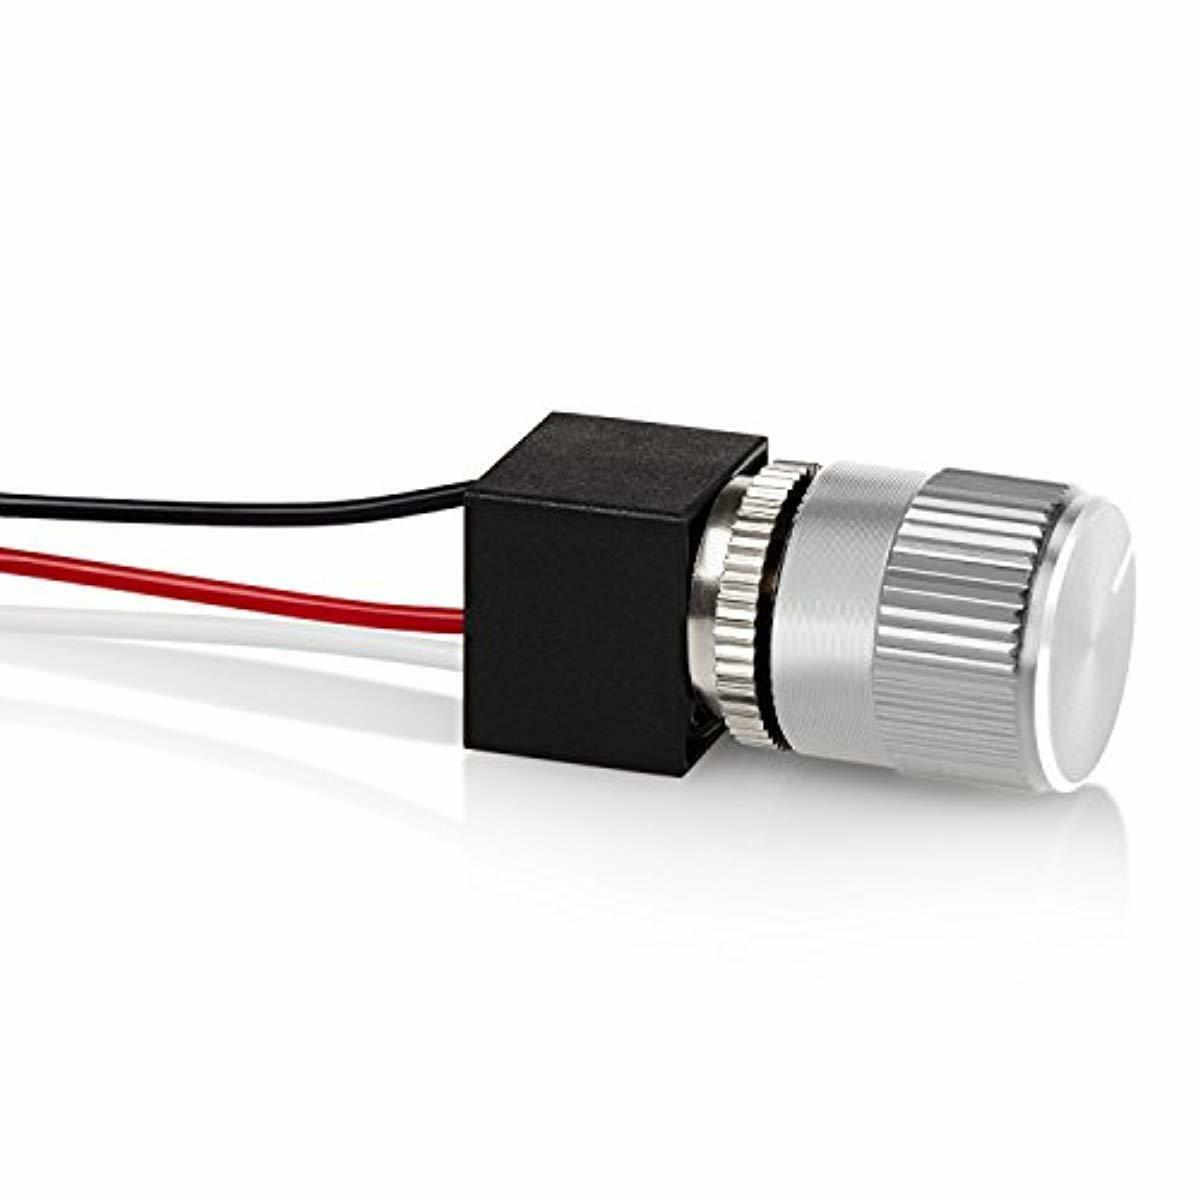 12 Volt DC Dimmer for LED Halogen Incandescent RV Auto ...